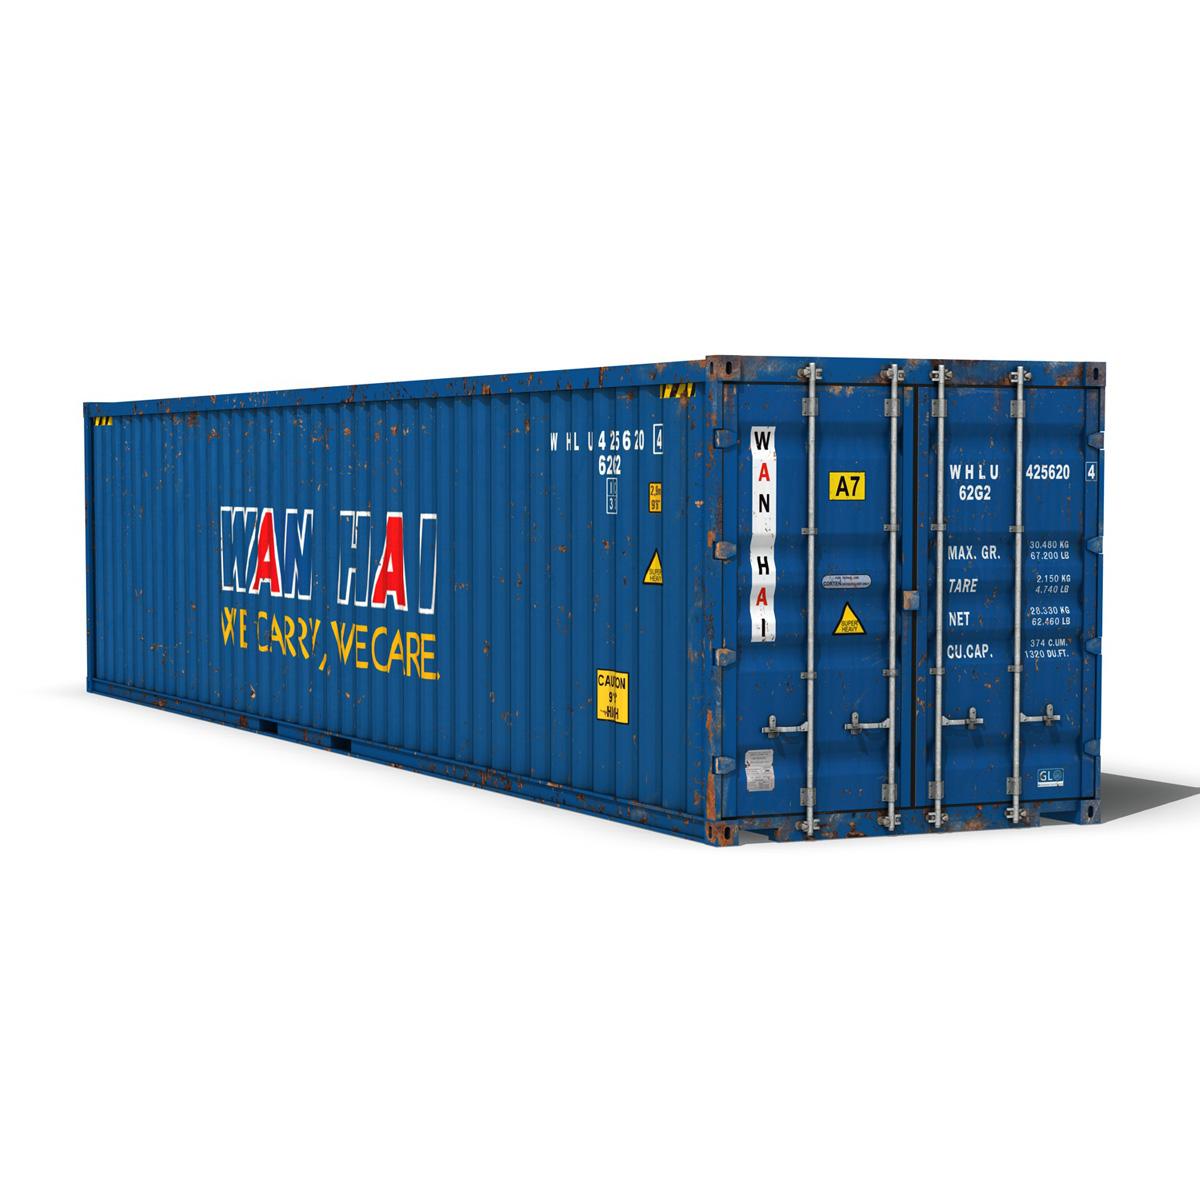 40ft тээврийн чингэлэг - Xan Xian 3d загвар 3ds fbx II lws о о о c4d 265151